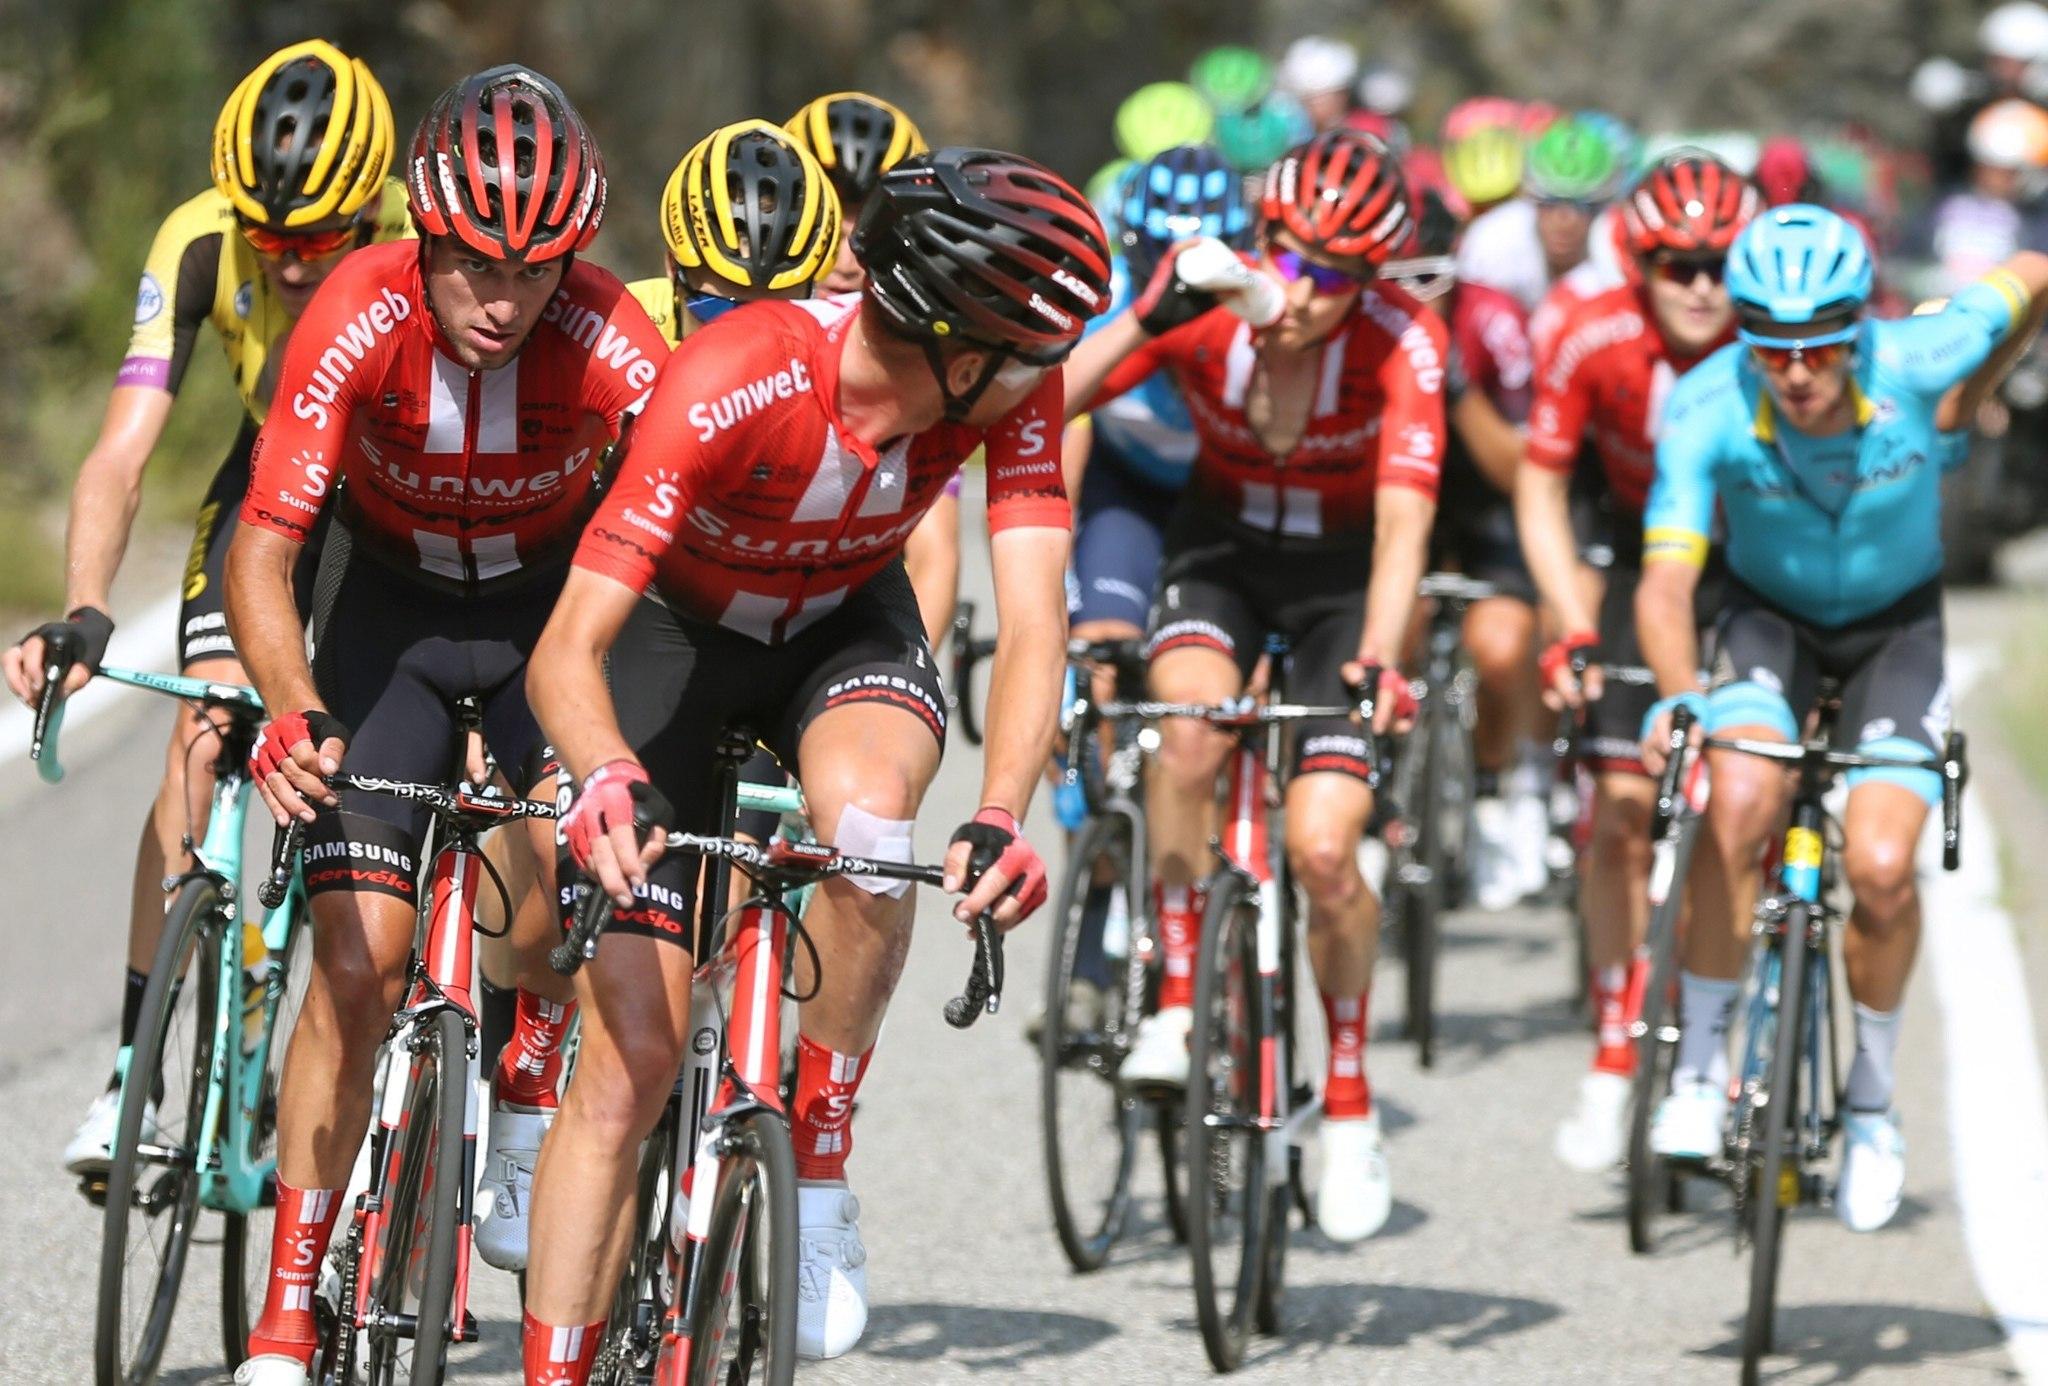 GRAF4624 ANDORRA, 01/09/2019.-El pelotón durante la novena etapa de la <HIT>Vuelta</HIT> a España 2019, etapa con salida en la localidad de Andorra la Vella y meta en la tambíen andorrana Cortals D Encamp, con un recorrido de 94,4 kilómetros.- EFE/Javier Lizón